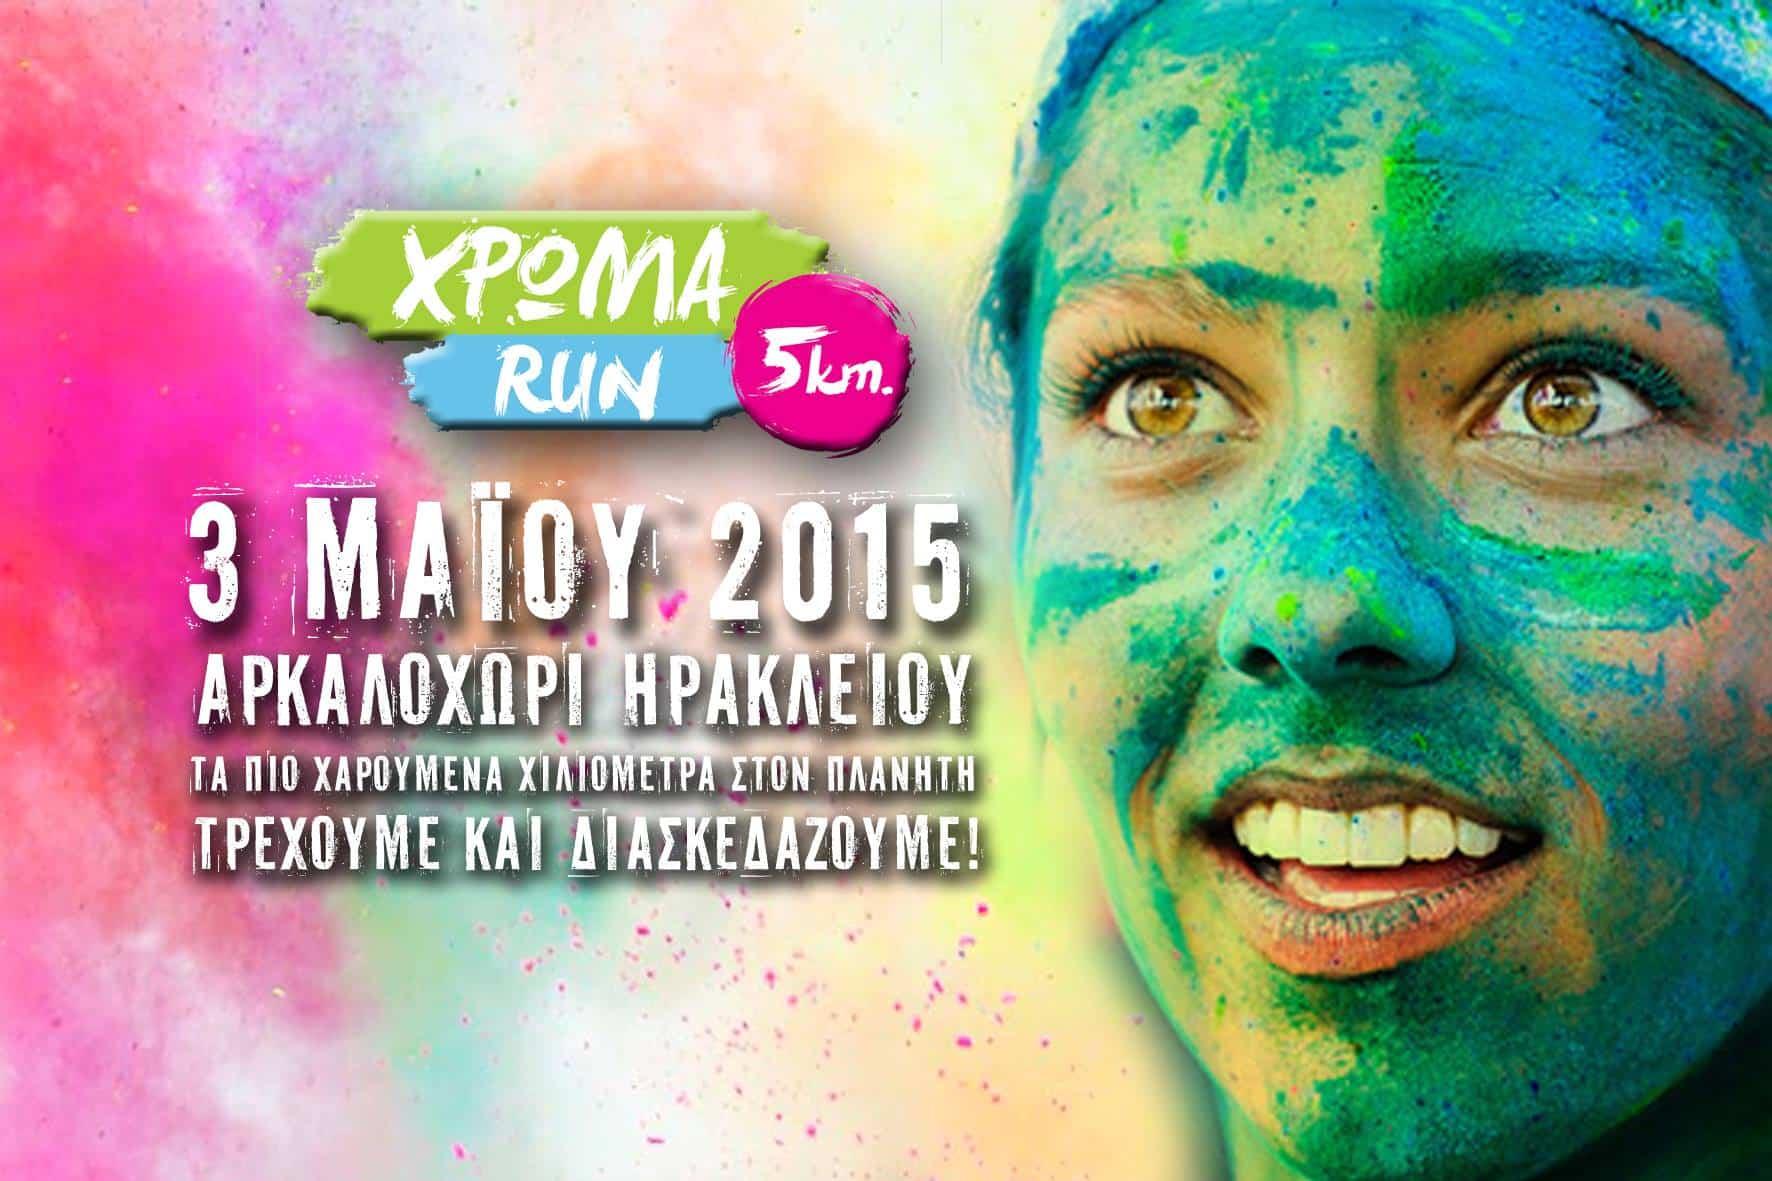 xroma run 2015